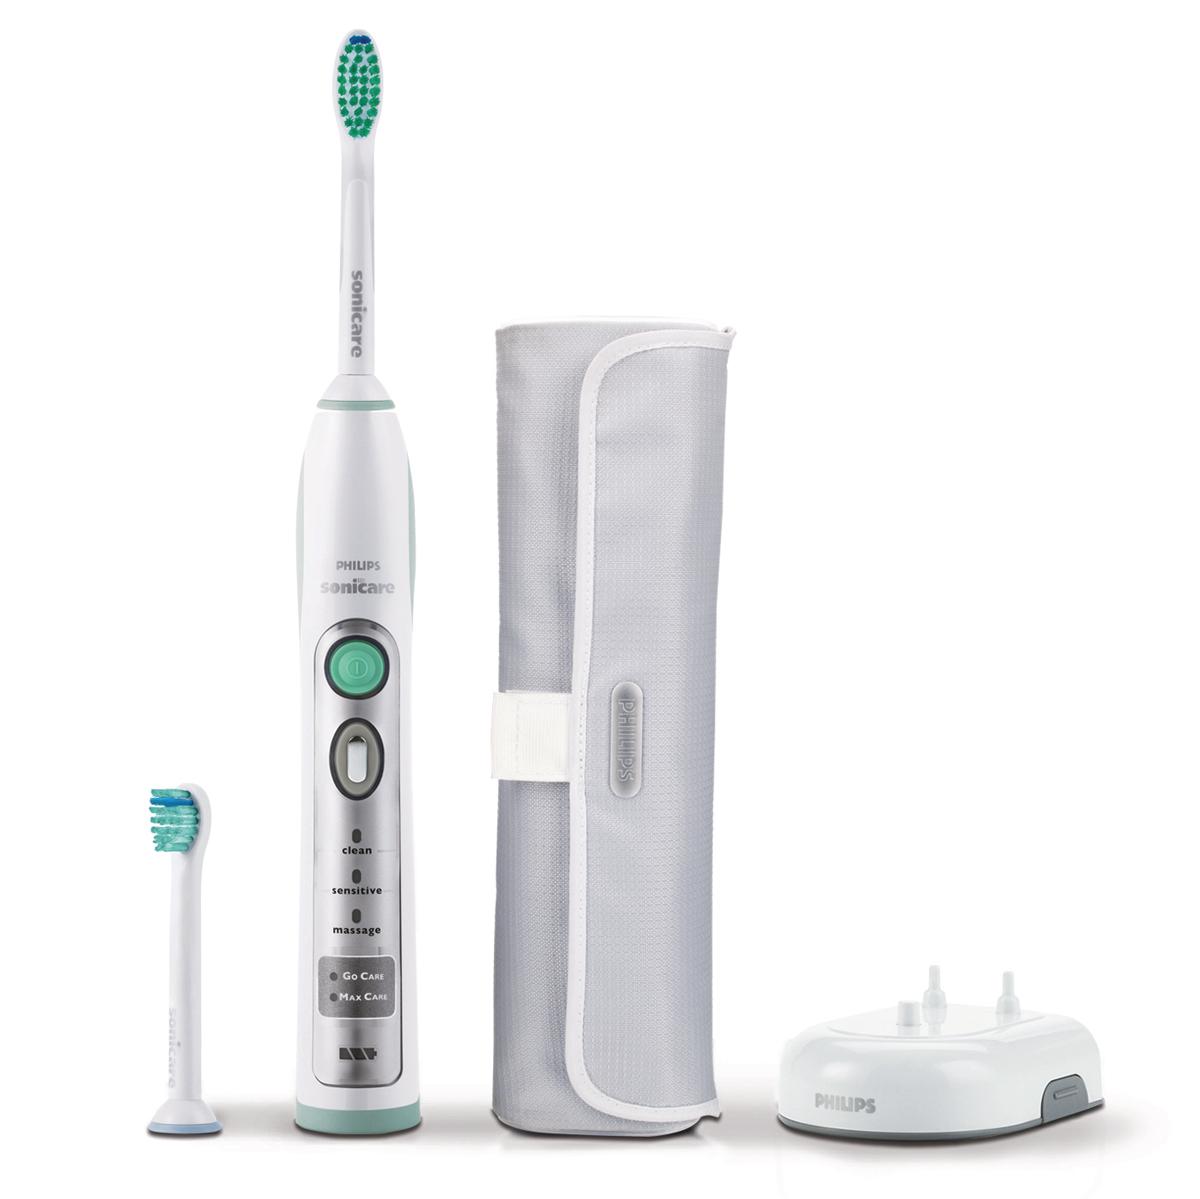 Электрическая зубная щетка Philips Sonicare HX6902/02HX6902/02Электрическая зубная щетка Philips HX6902/02 - это гарантированный способ улучшить здоровье полости рта. Эта зубная щетка выполнена с учетом Ваших индивидуальных потребностей в аспекте ухода за полостью рта. Запатентованная звуковая технология: Уникальное динамическое чистящее воздействие Sonicare мягко и эффективно проникает глубоко в межзубные промежутки и вдоль десен. Обеспечивает естественную белизну зубов: Благодаря очистке с помощью динамического потока жидкости, увеличенной амплитуде движения щетинок и прямому контакту с каждым зубом, электрическая зубная щетка эффективно удаляет зубной налет для естественной белизны зубов. Улучшает состояние десен: Электрическая зубная щетка Philips HX6902/02 гарантирует оптимальную чистку между зубами и вдоль десен и улучшает состояние десен всего за две недели. Превосходно справляется с чисткой межзубных промежутков и удаляет значительно больше налета по сравнению с обычной зубной щеткой ...